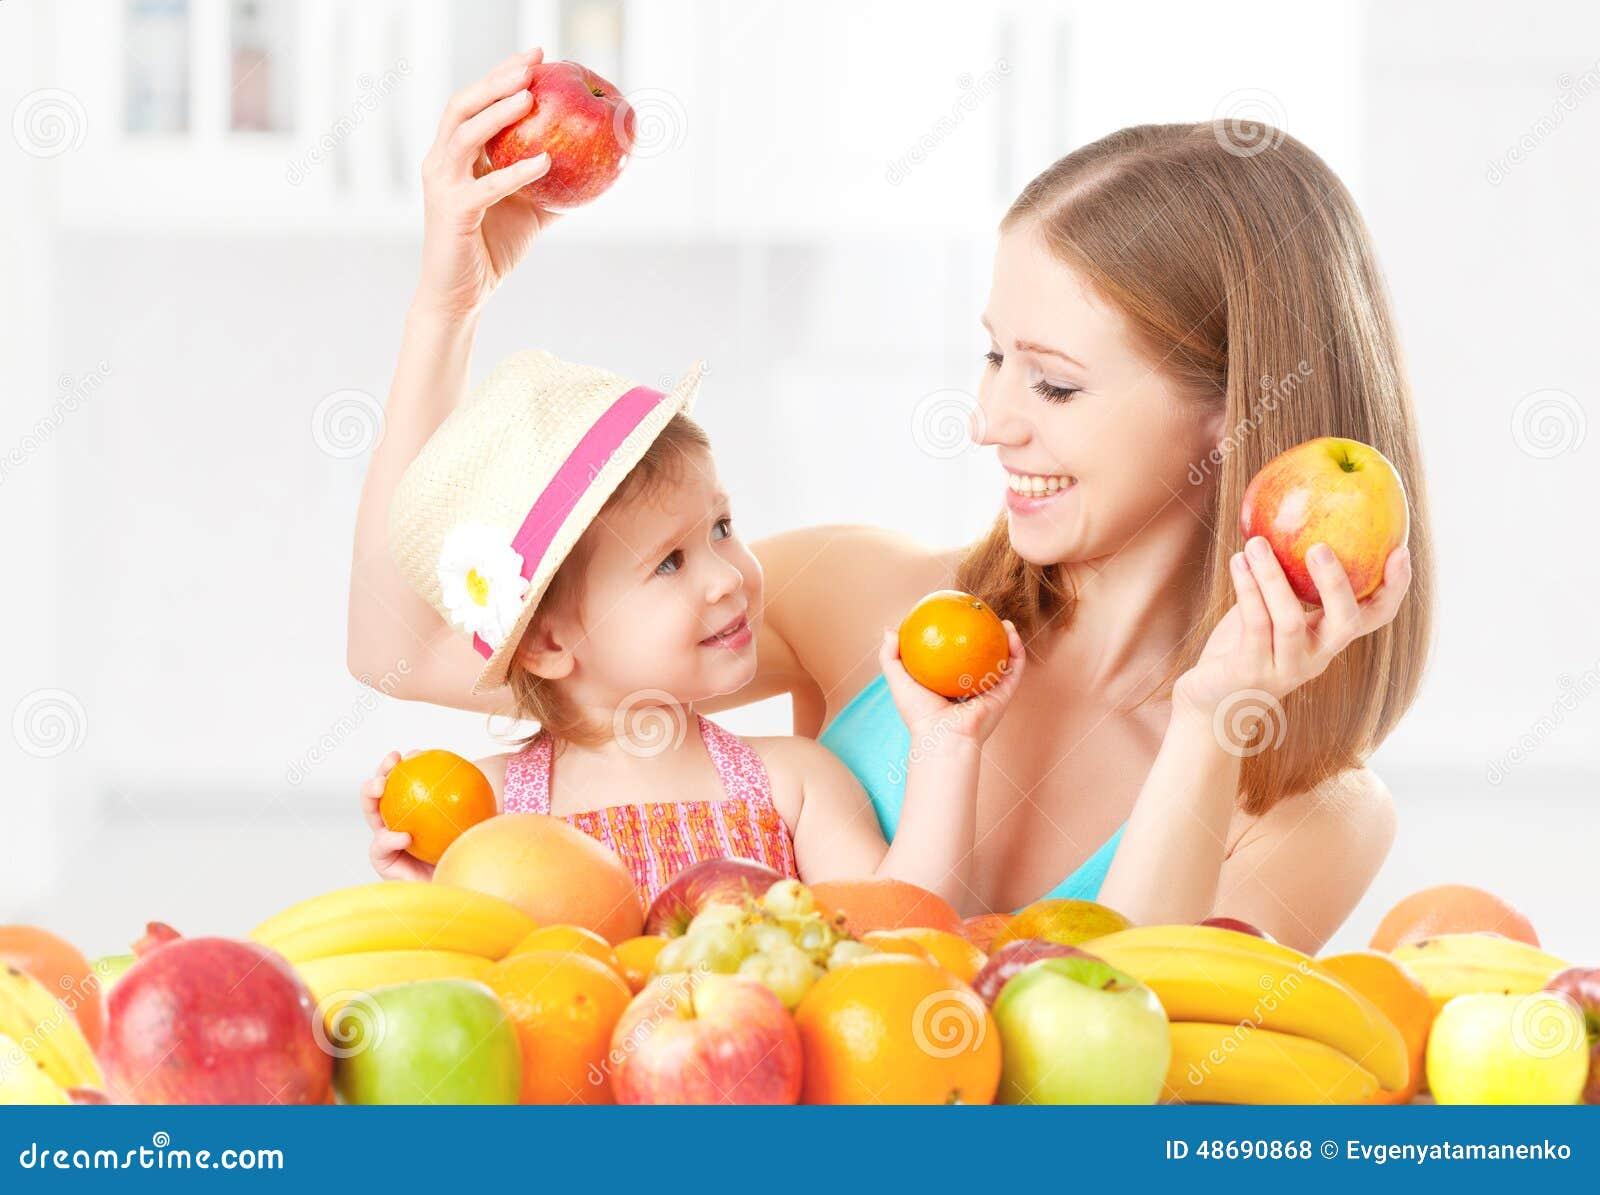 Glückliche Familienmutter und kleines Mädchen der Tochter, essen gesundes vegetarisches Lebensmittel, Frucht